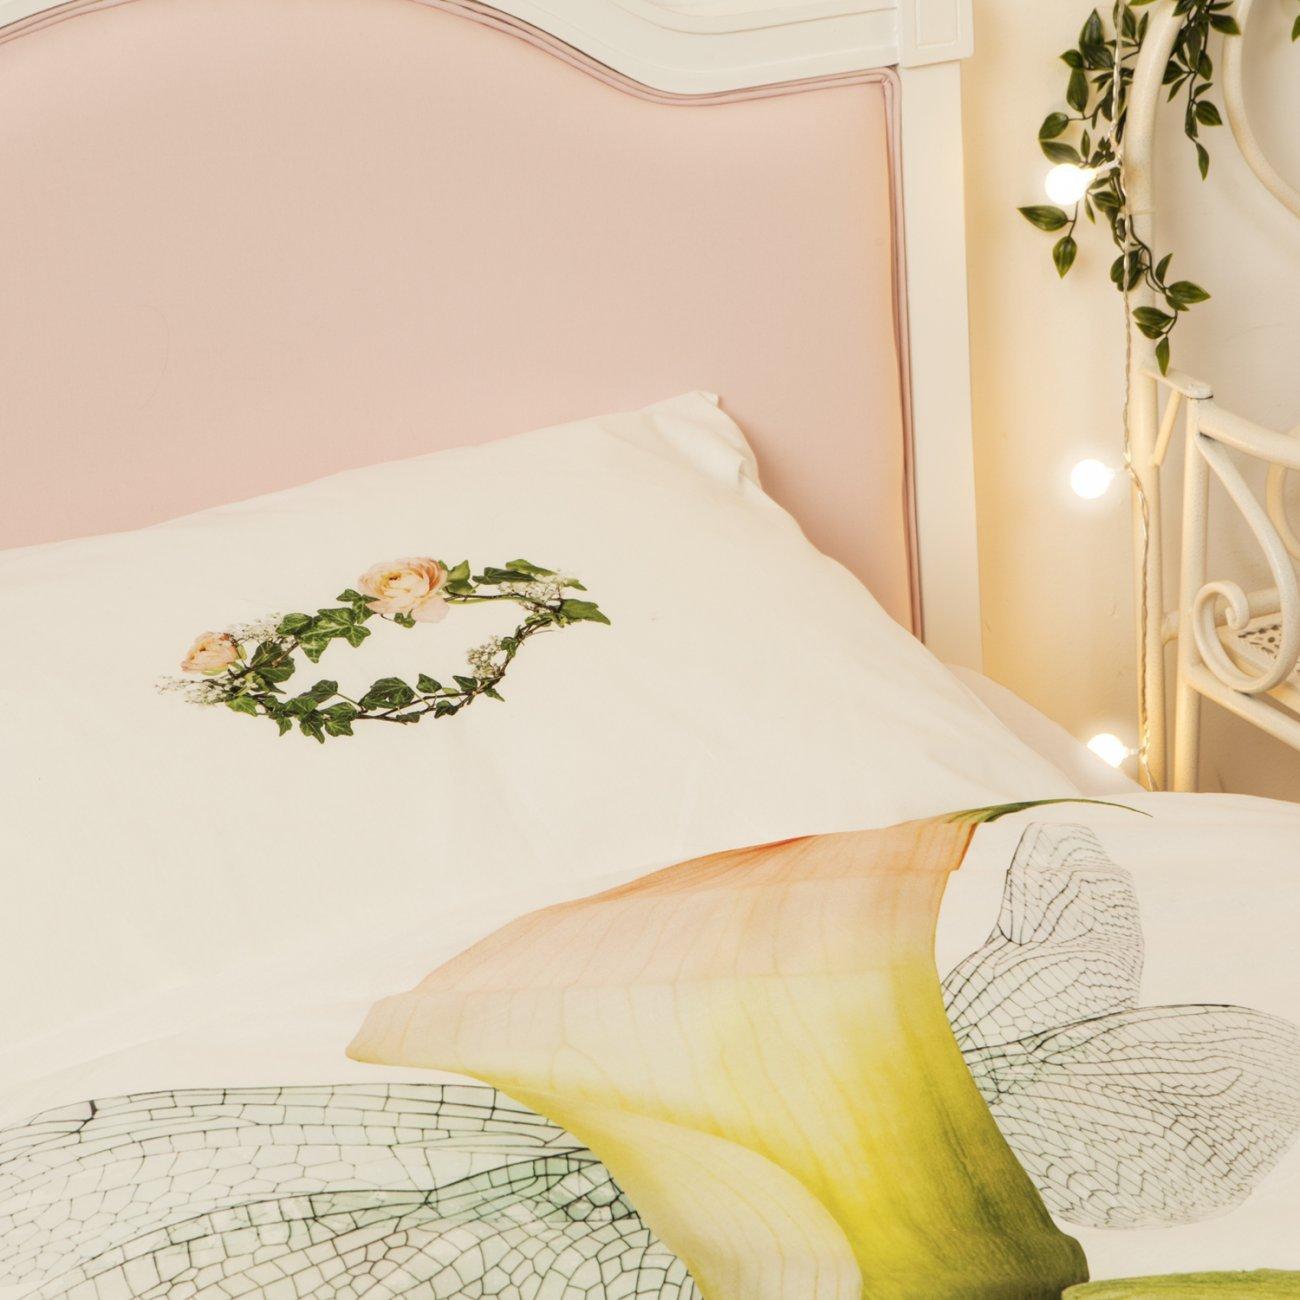 bettw sche fee von snurk bei panda kinderm bel. Black Bedroom Furniture Sets. Home Design Ideas